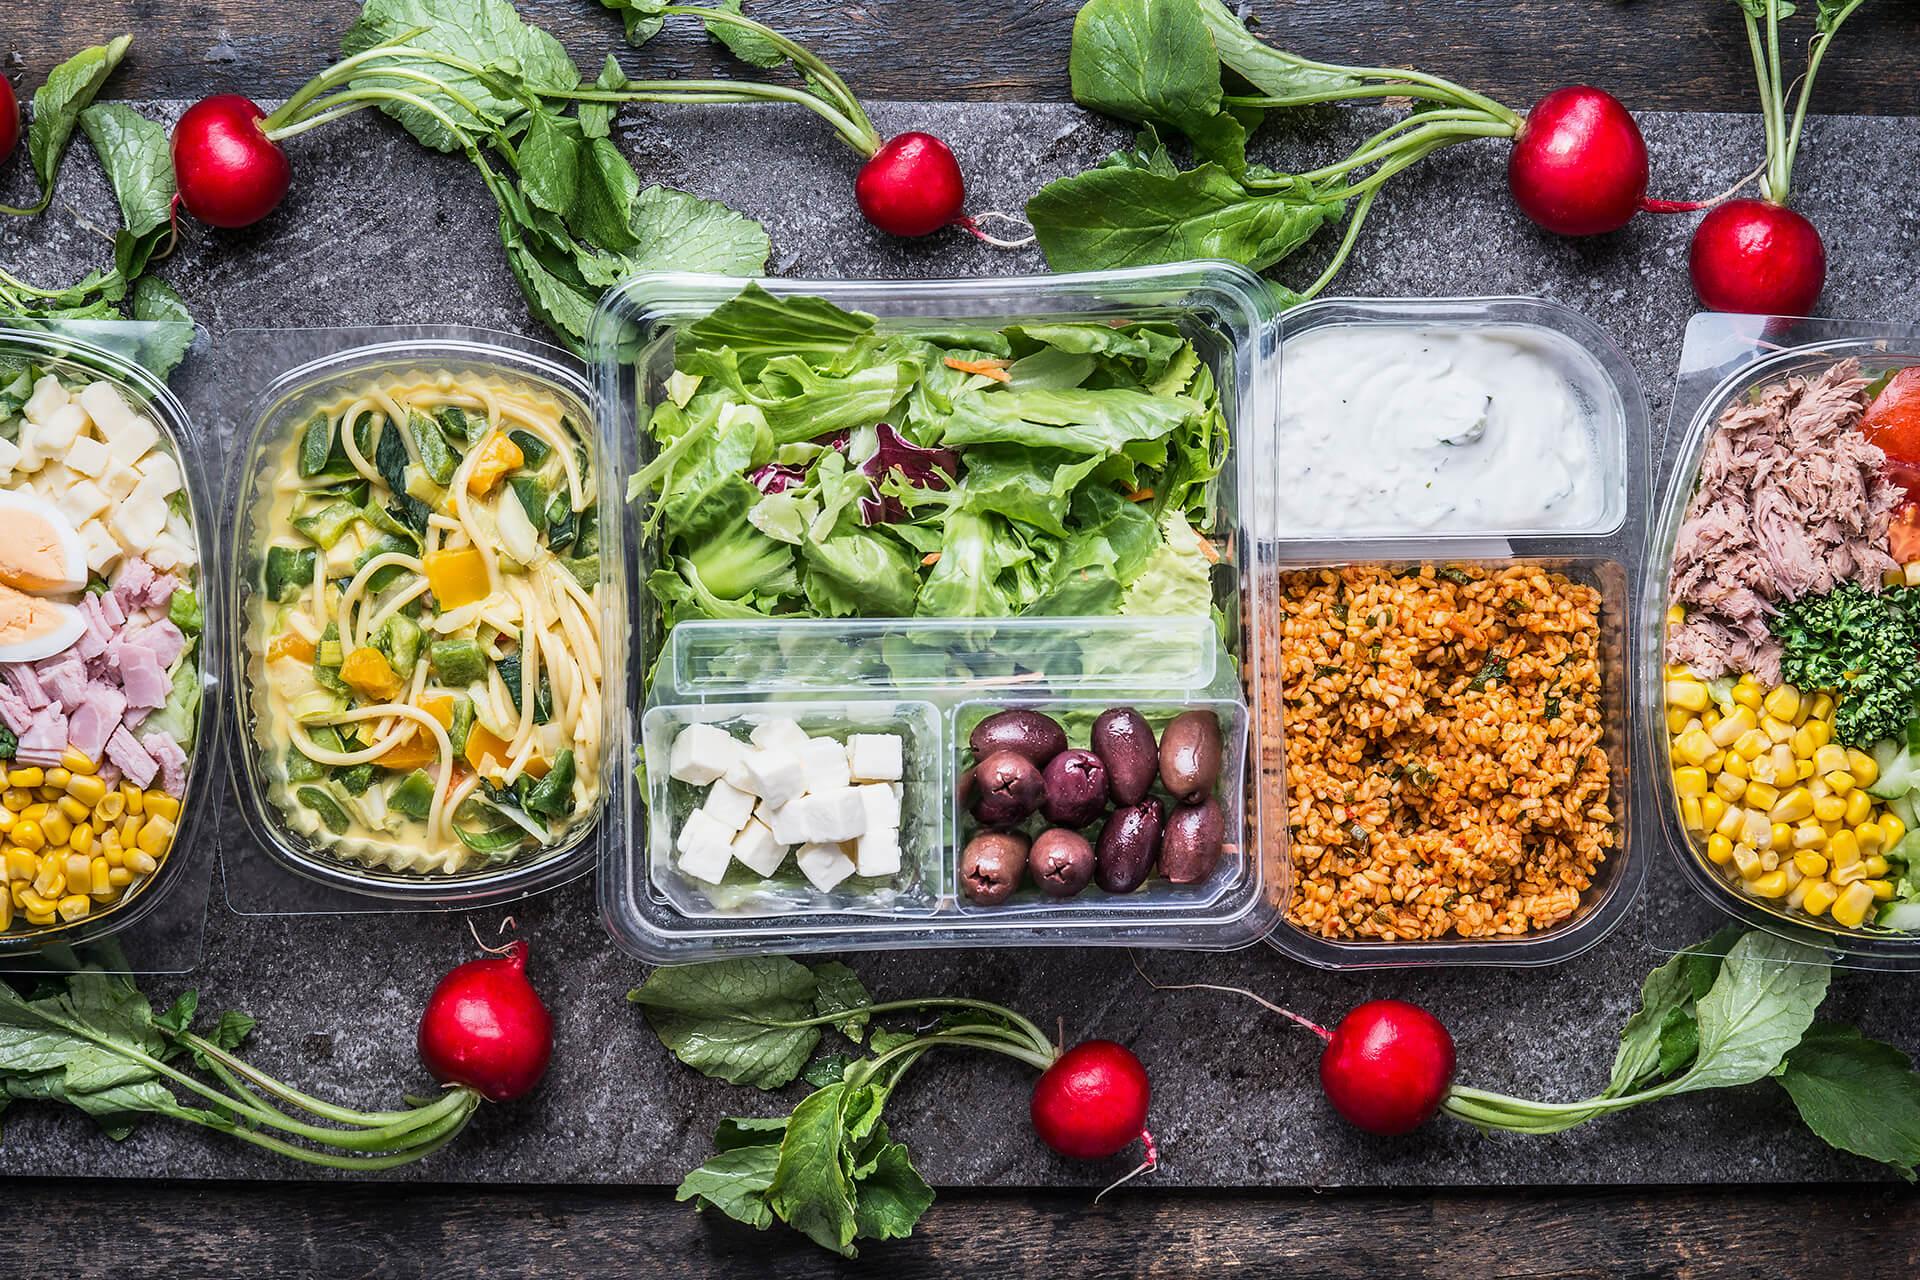 Die 10 besten Lebensmittel zum Abnehmen | Muskelmacher-Shop